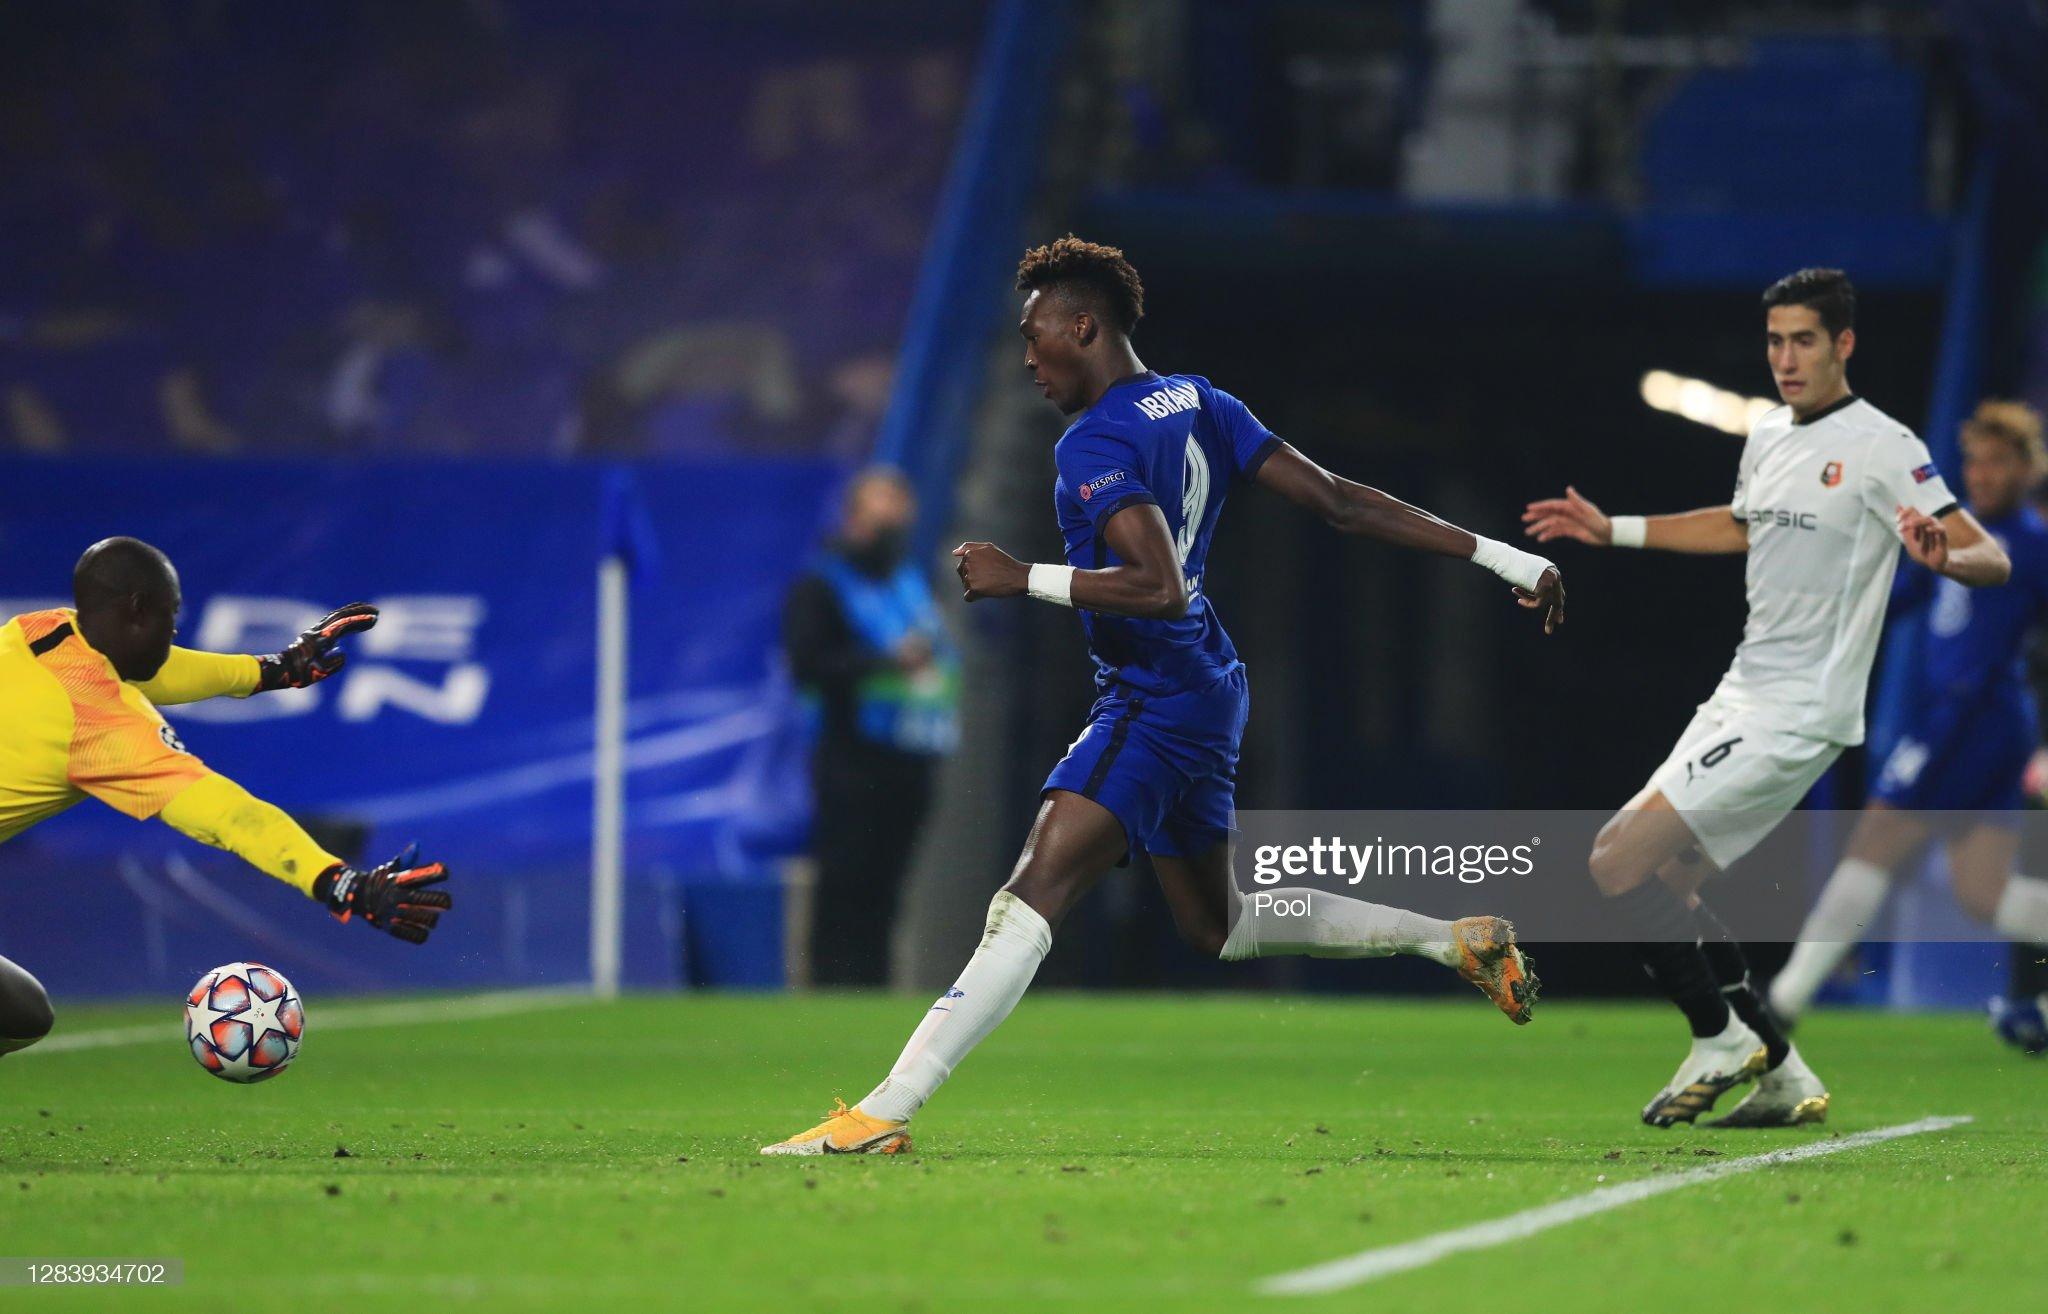 Chelsea FC v Stade Rennais: Group E - UEFA Champions League : News Photo